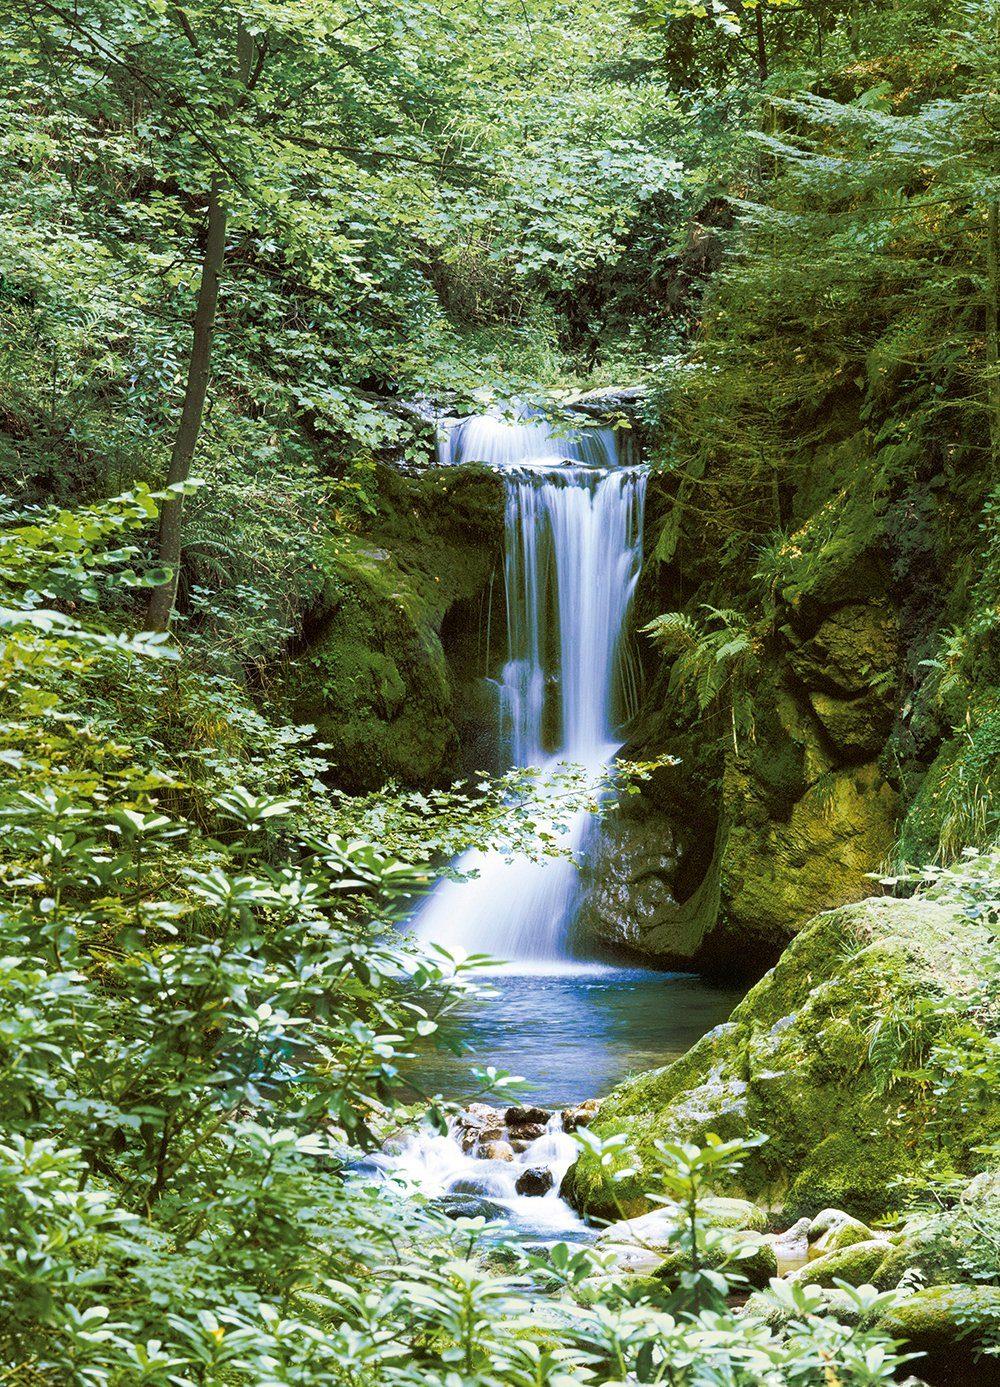 Fototapete »Waterfall in Spring«, 4-teilig, 183x254 cm